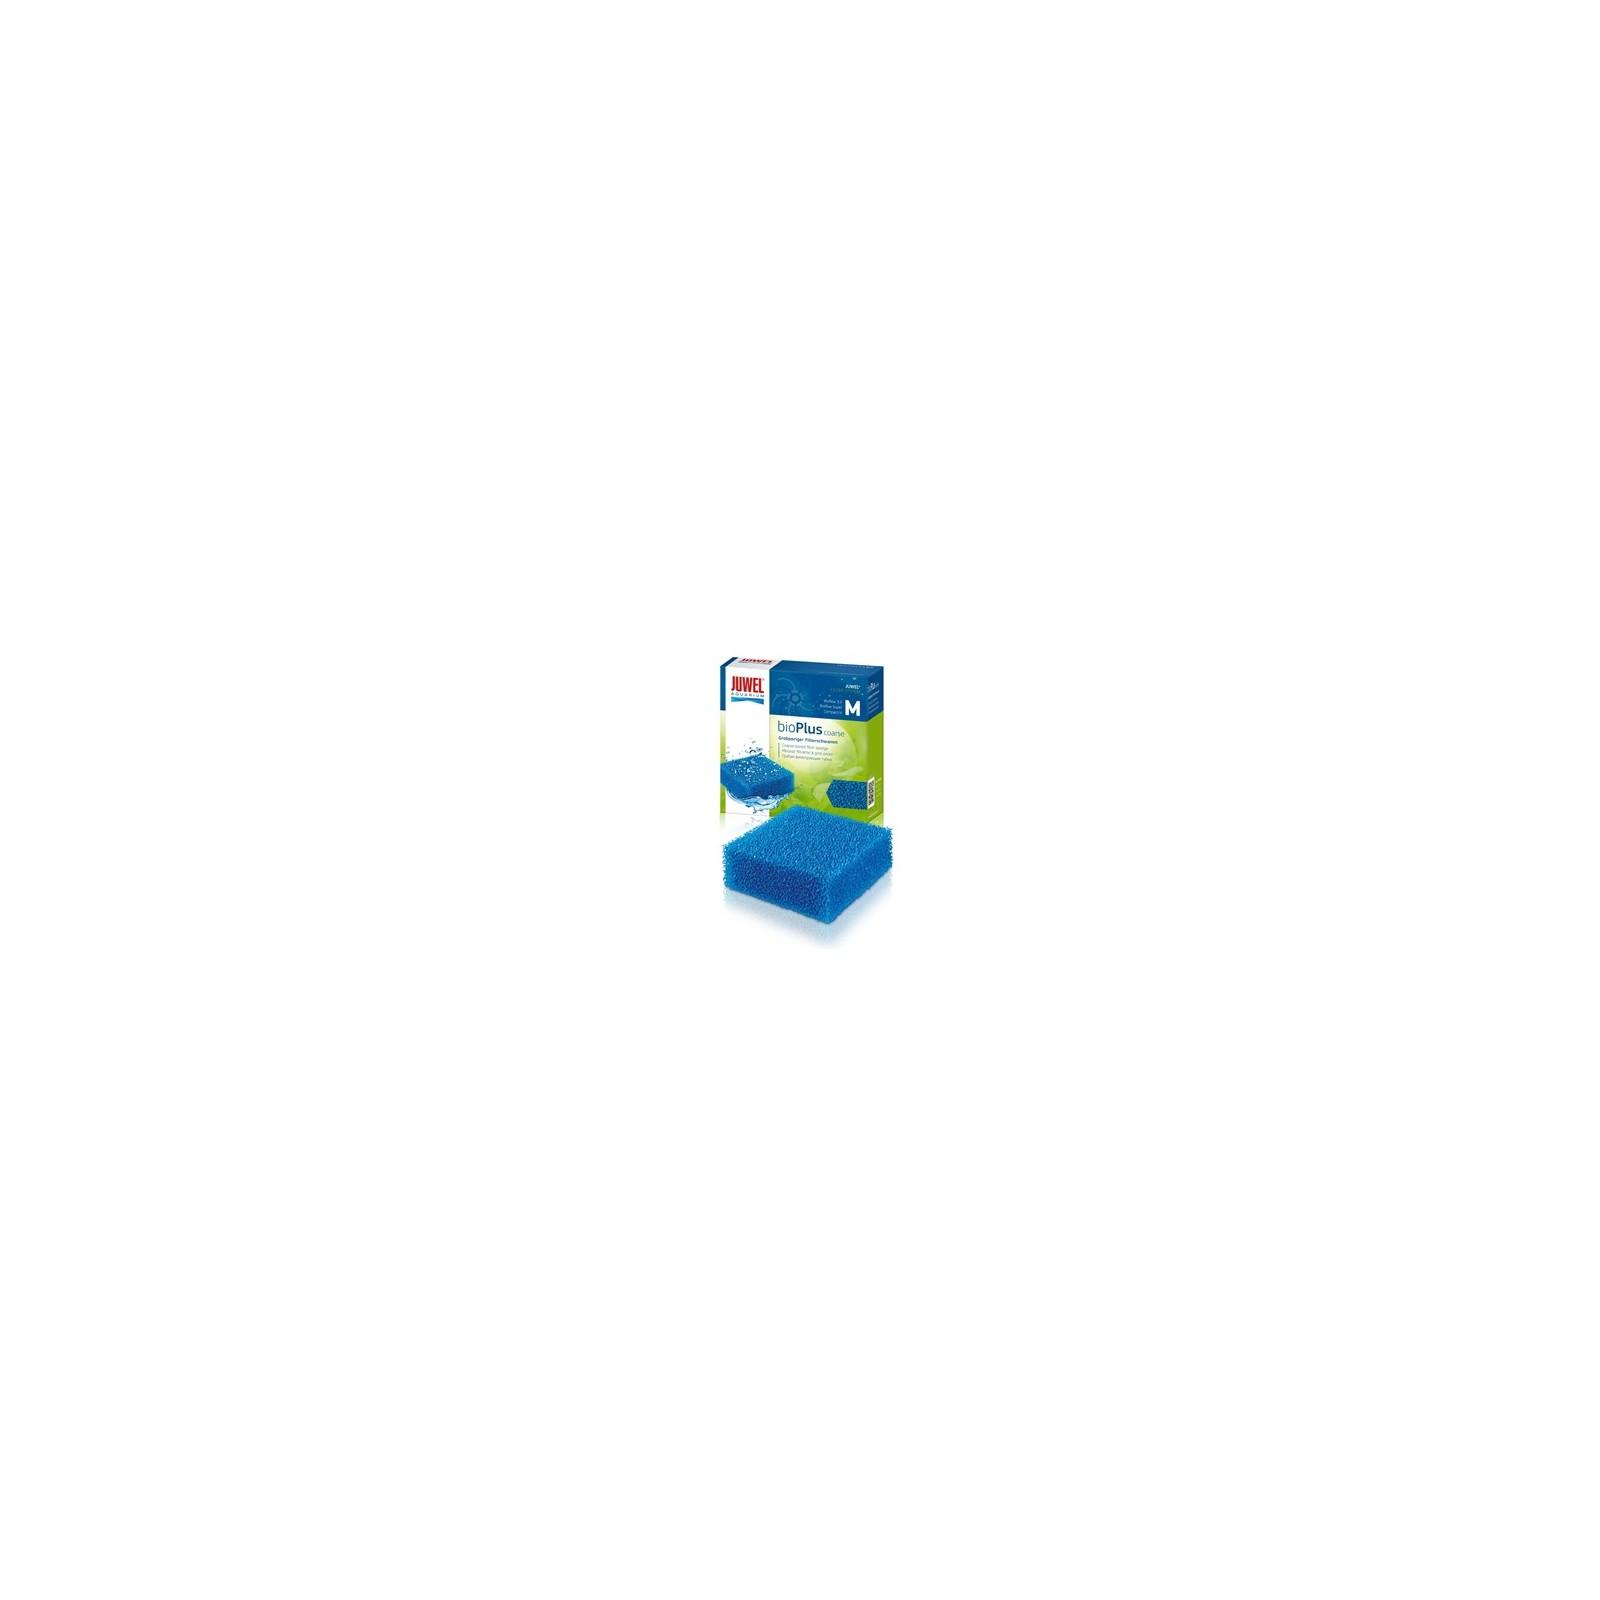 Filtrační náplň Juwel - houba hrubá COMPACT / Bioflow 3.0 / M